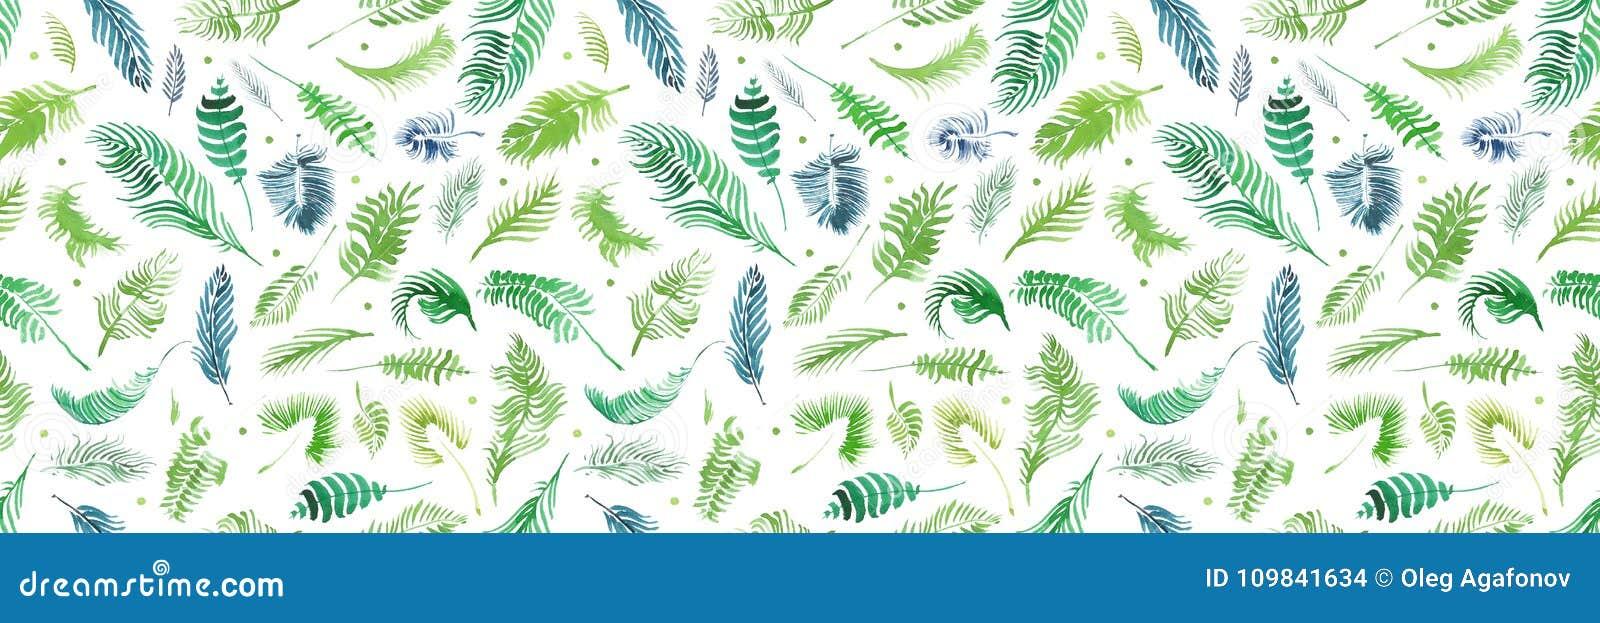 De tropische palmbladen, wildernis verlaat naadloze bloemenpatroonachtergrond, Waterverf tropisch decor